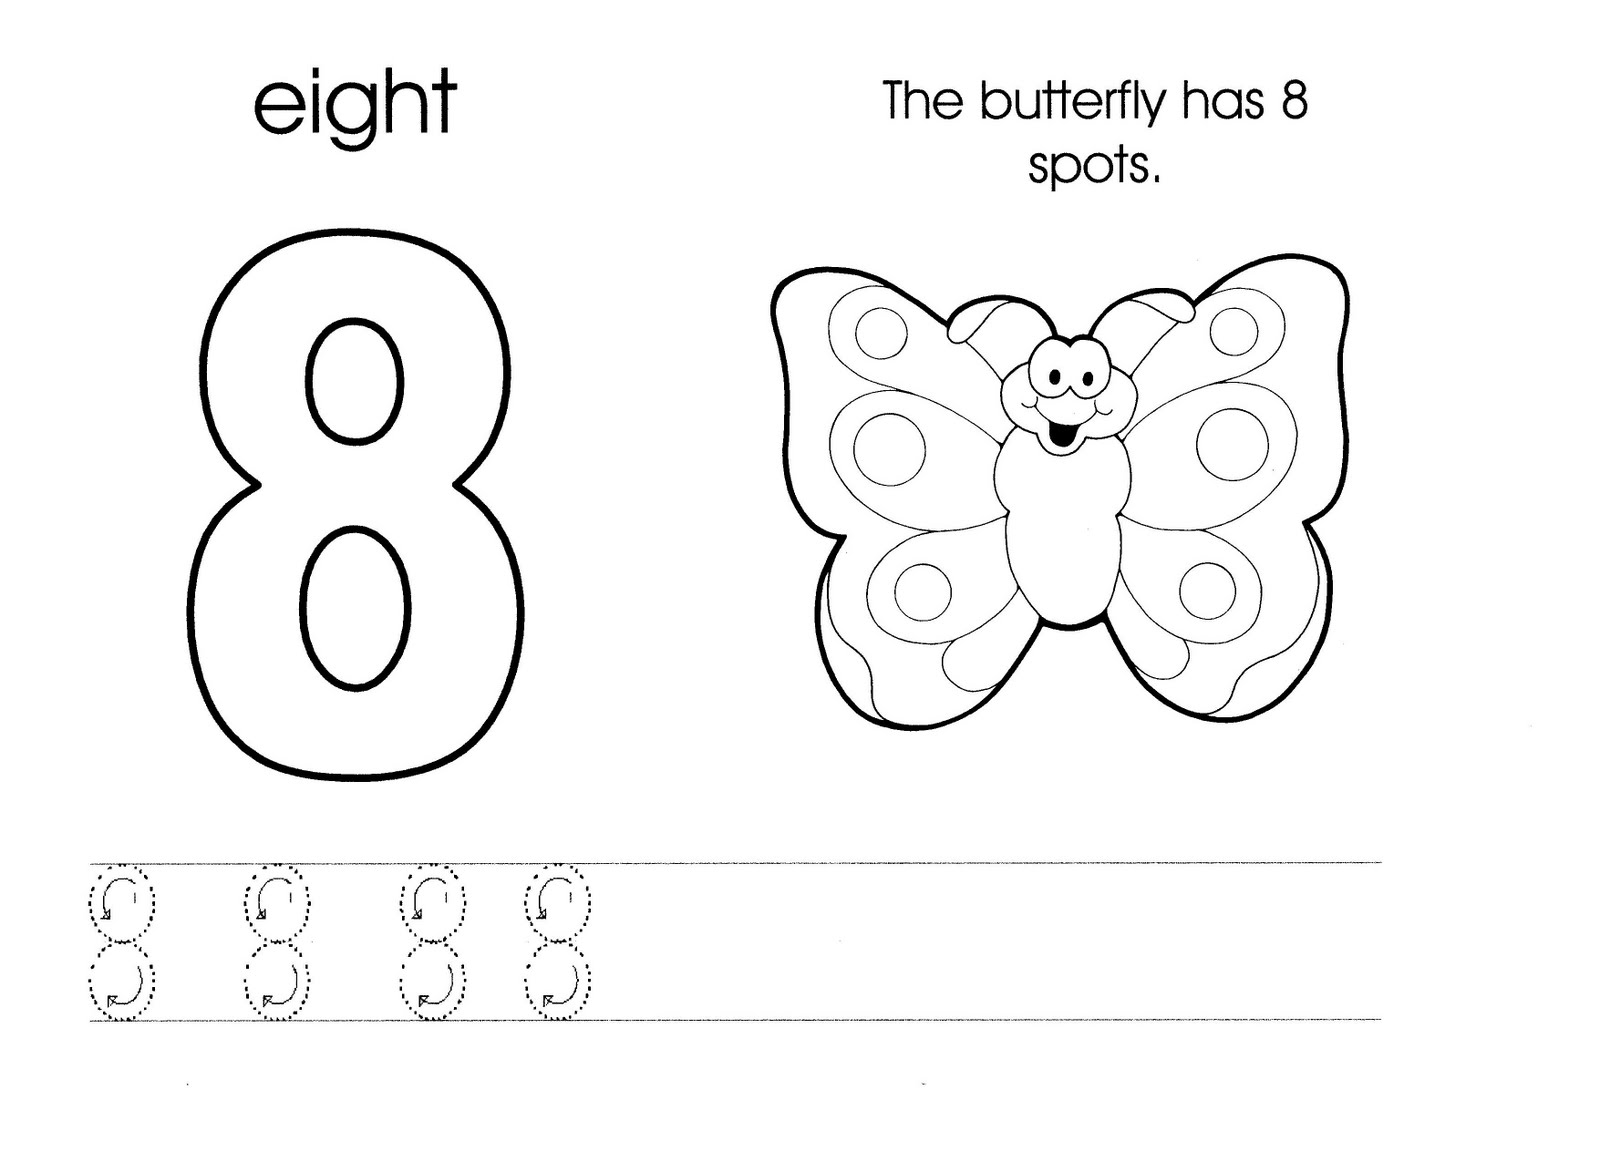 worksheet number 8 worksheet worksheet fun worksheet study site. Black Bedroom Furniture Sets. Home Design Ideas